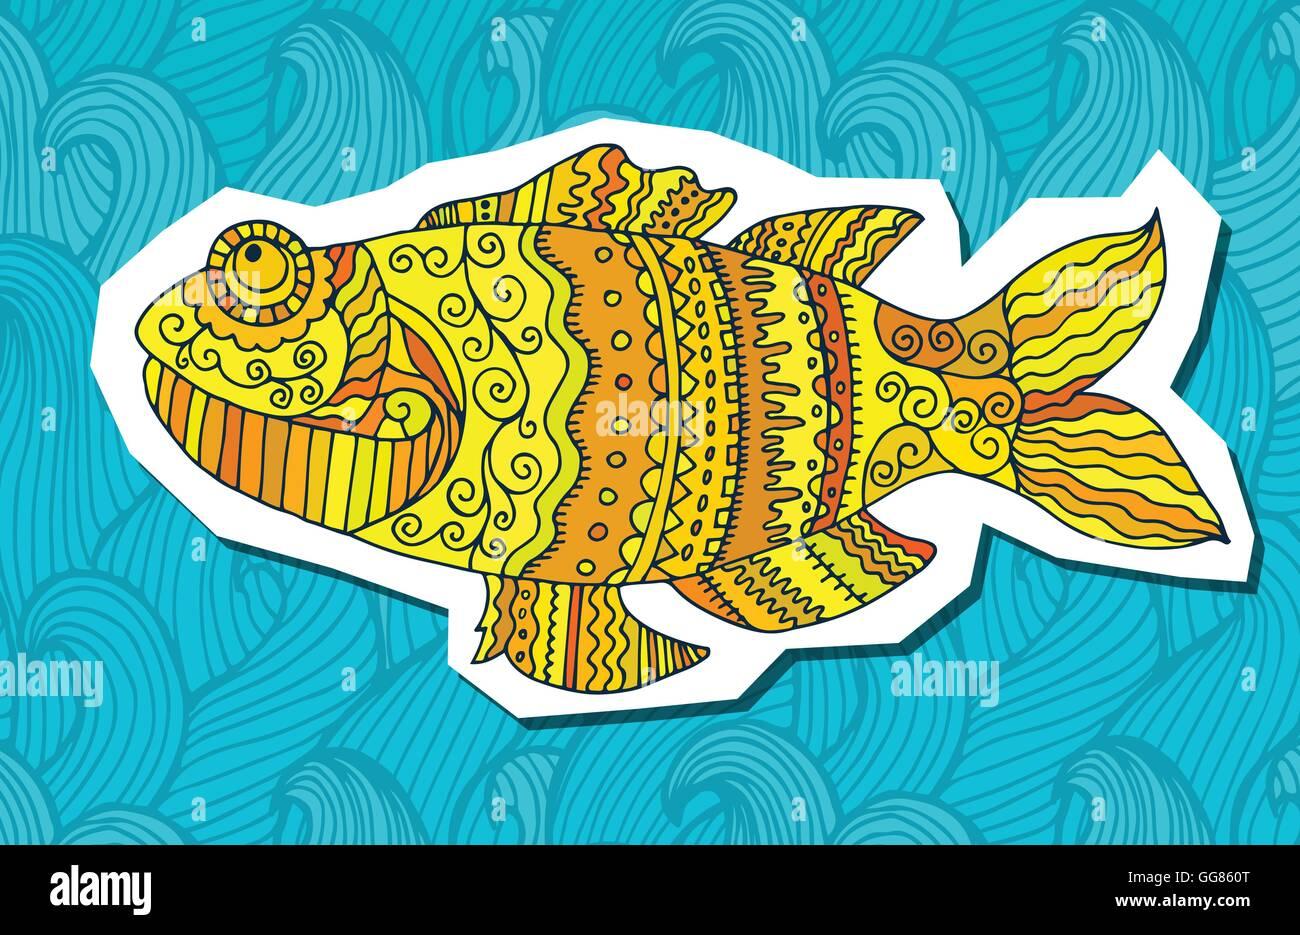 Fisch von hand bemalt. Bildende Künste Stockbild